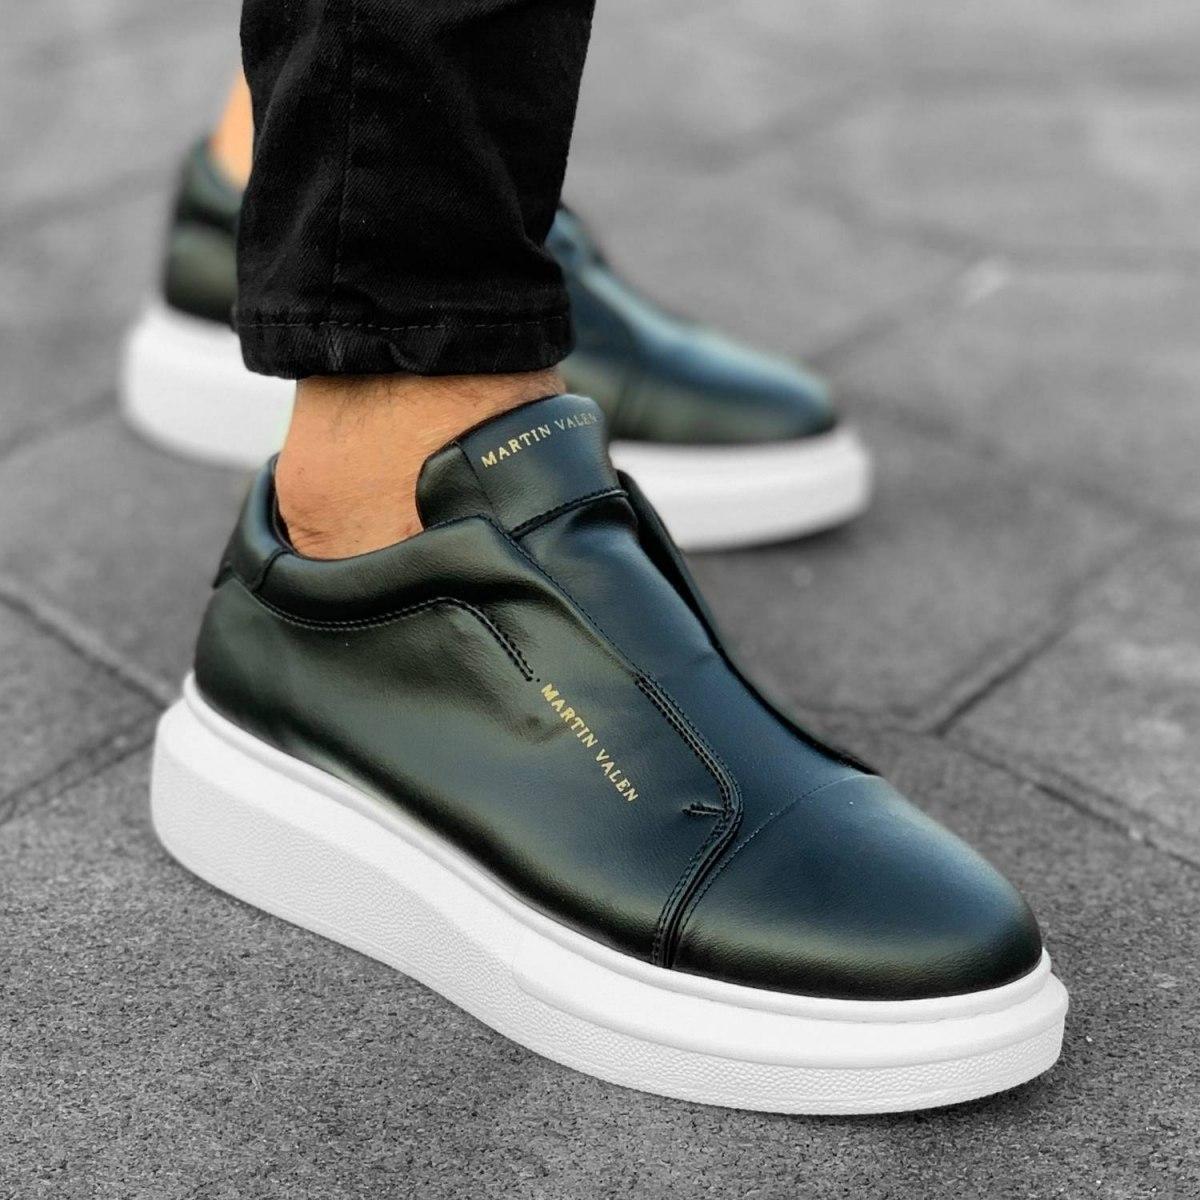 Slip-on Sneakers in Black-White Mv Premium Brand - 5